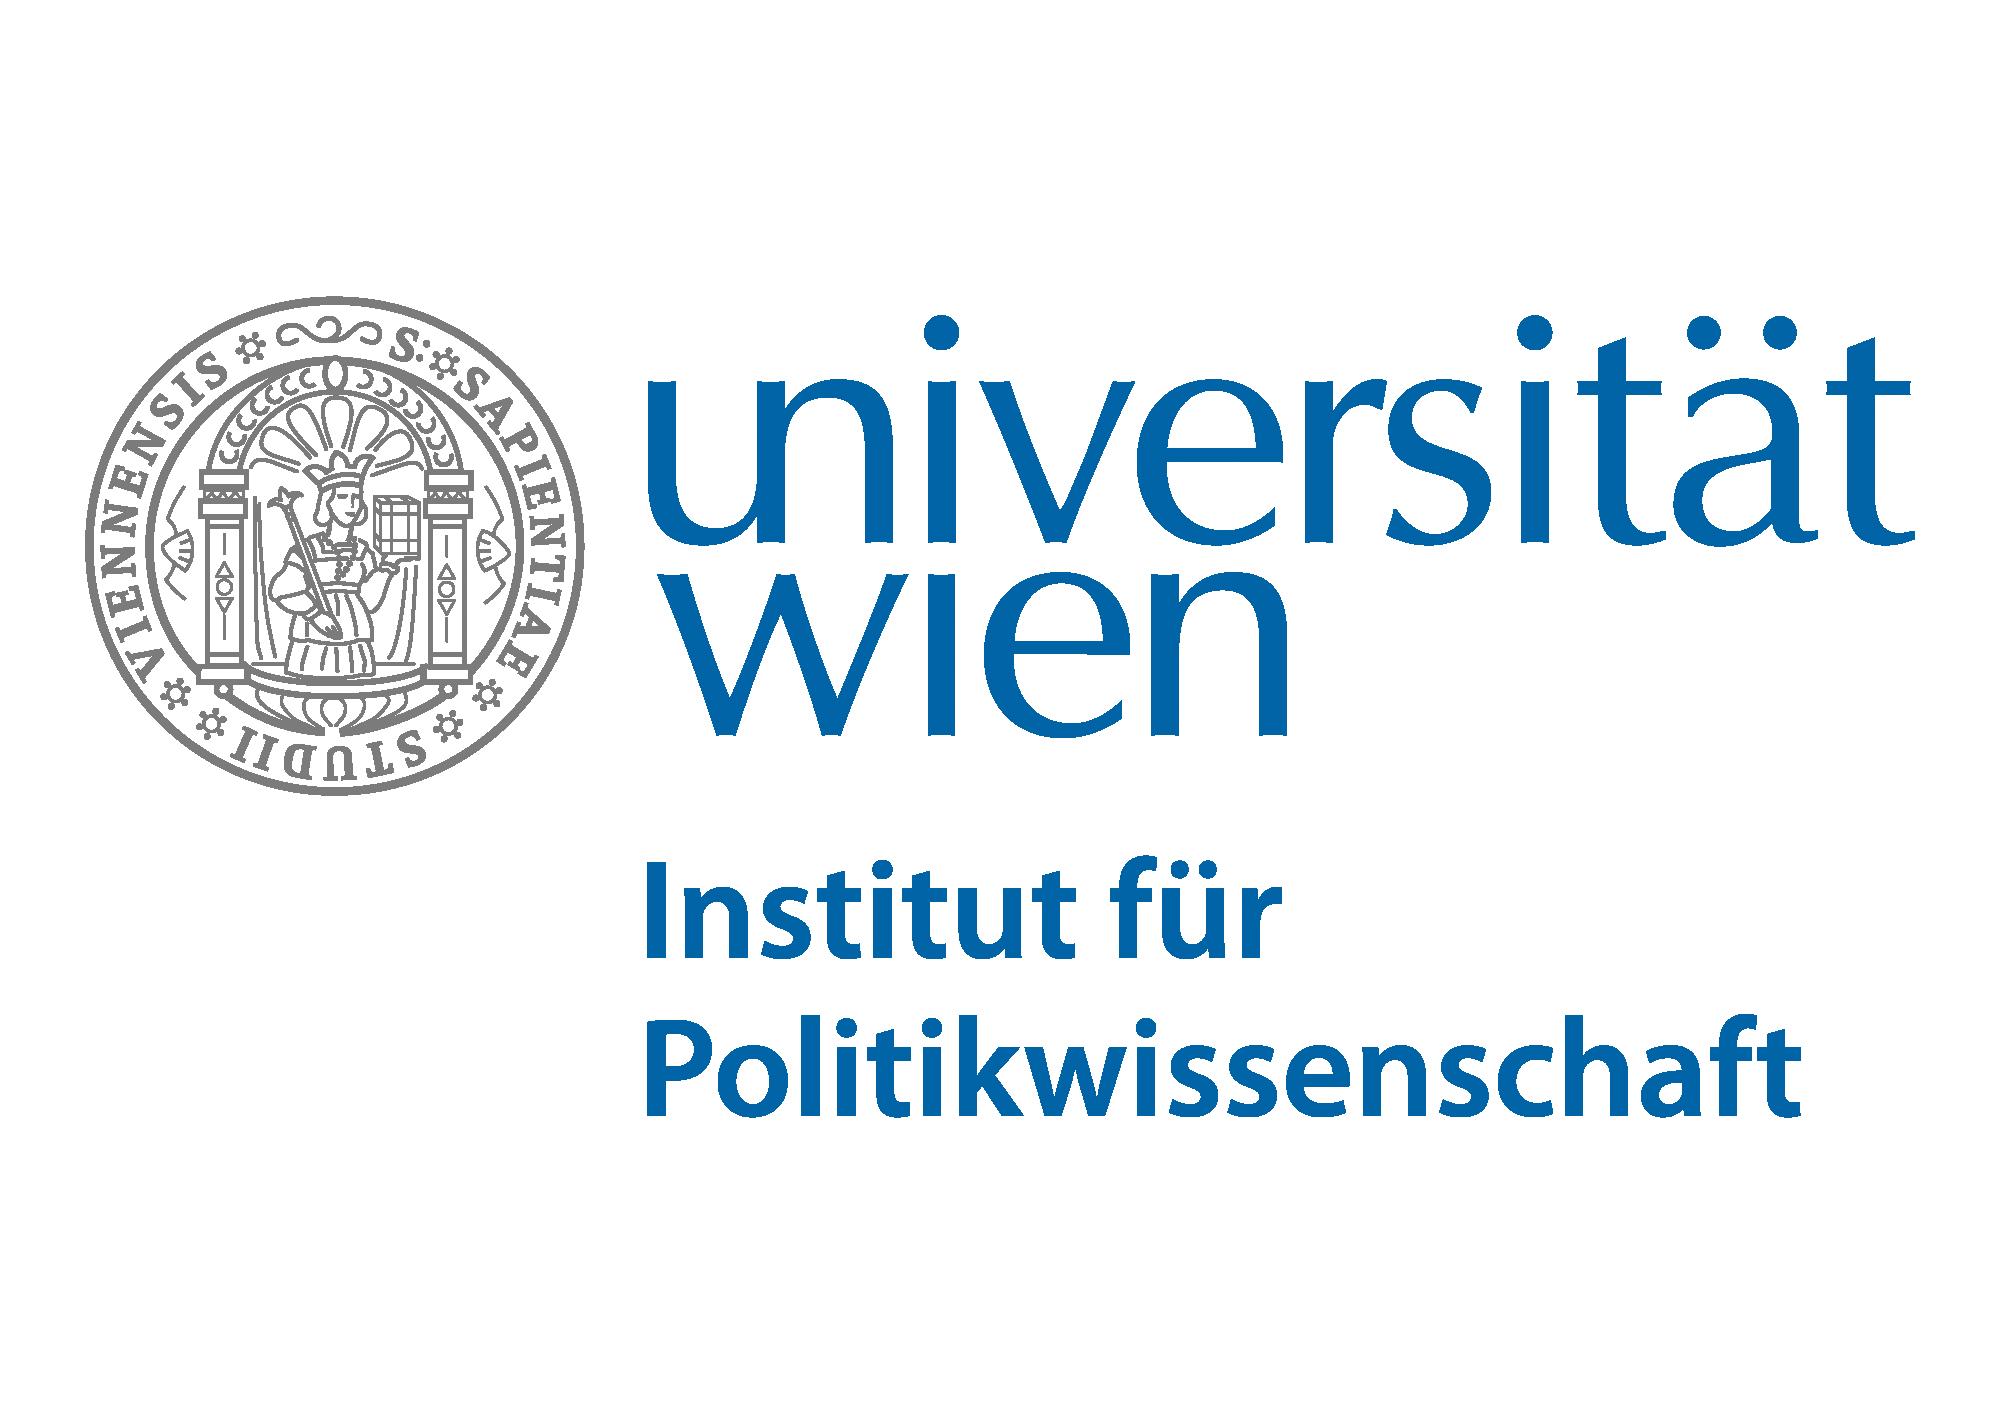 Institut für Politikwissenschaften der Universität Wien